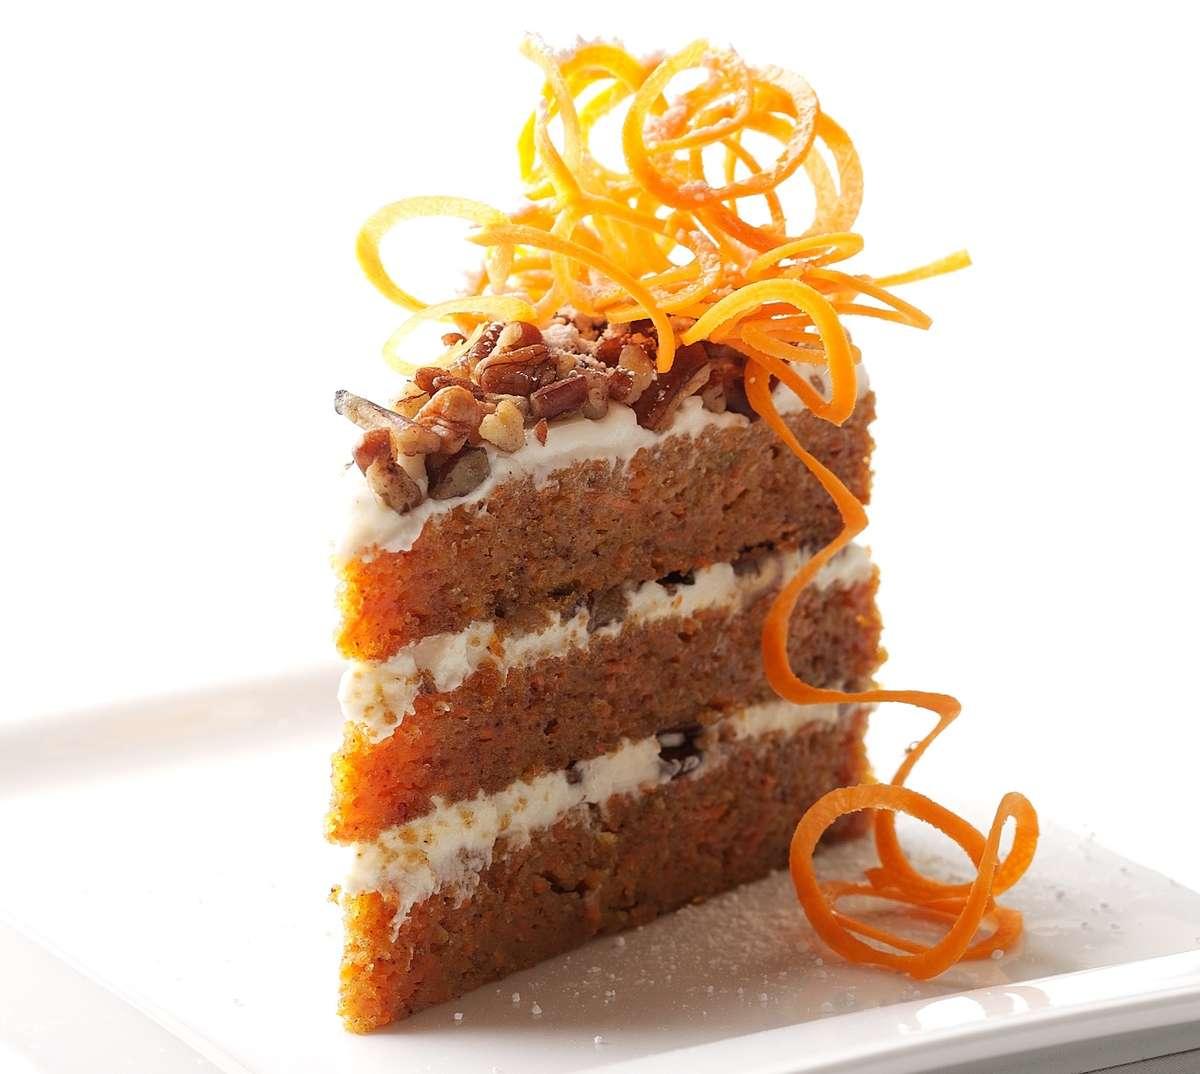 Hannah's Signature Carrot Cake